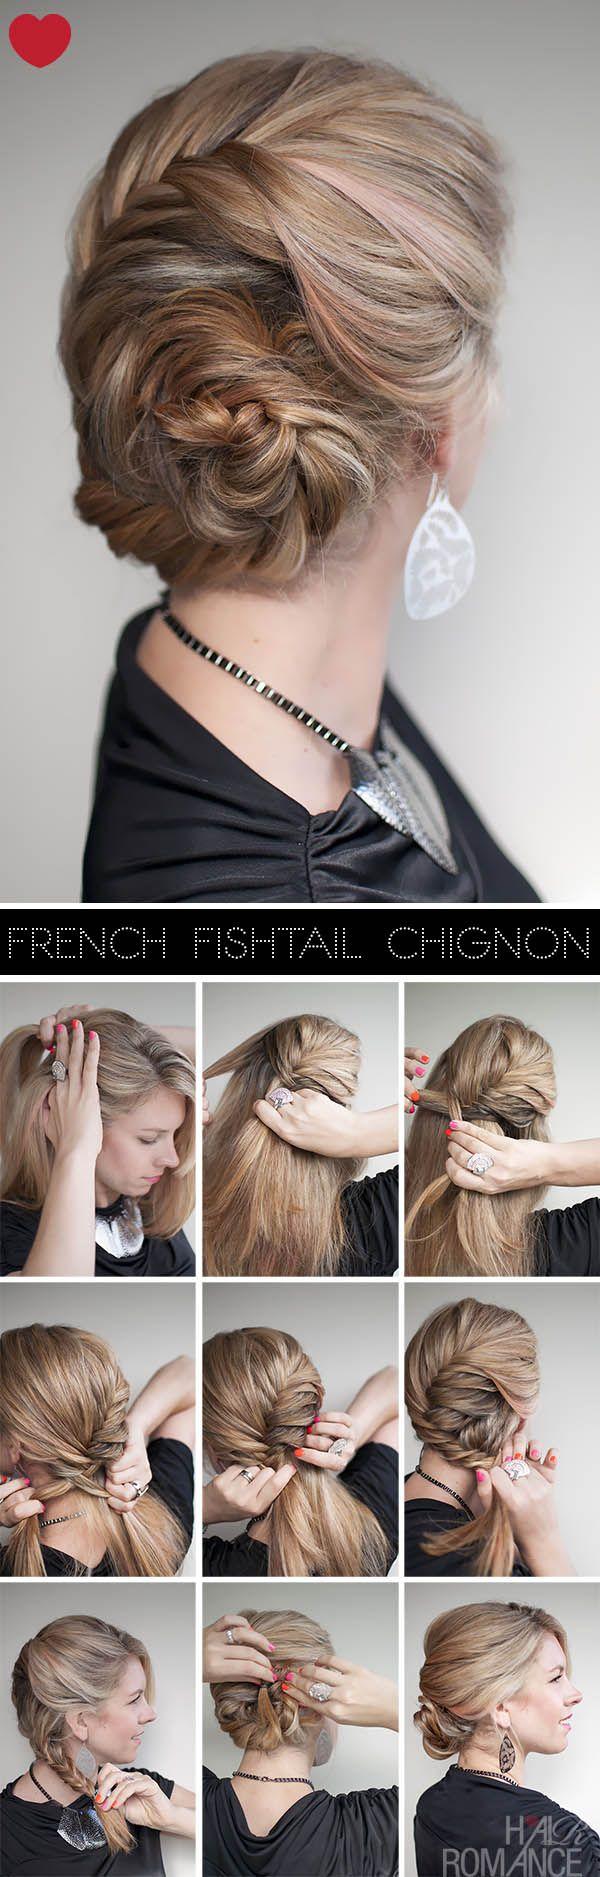 Hairstyle Tutorial French Fishtail Braid Chignon Hair